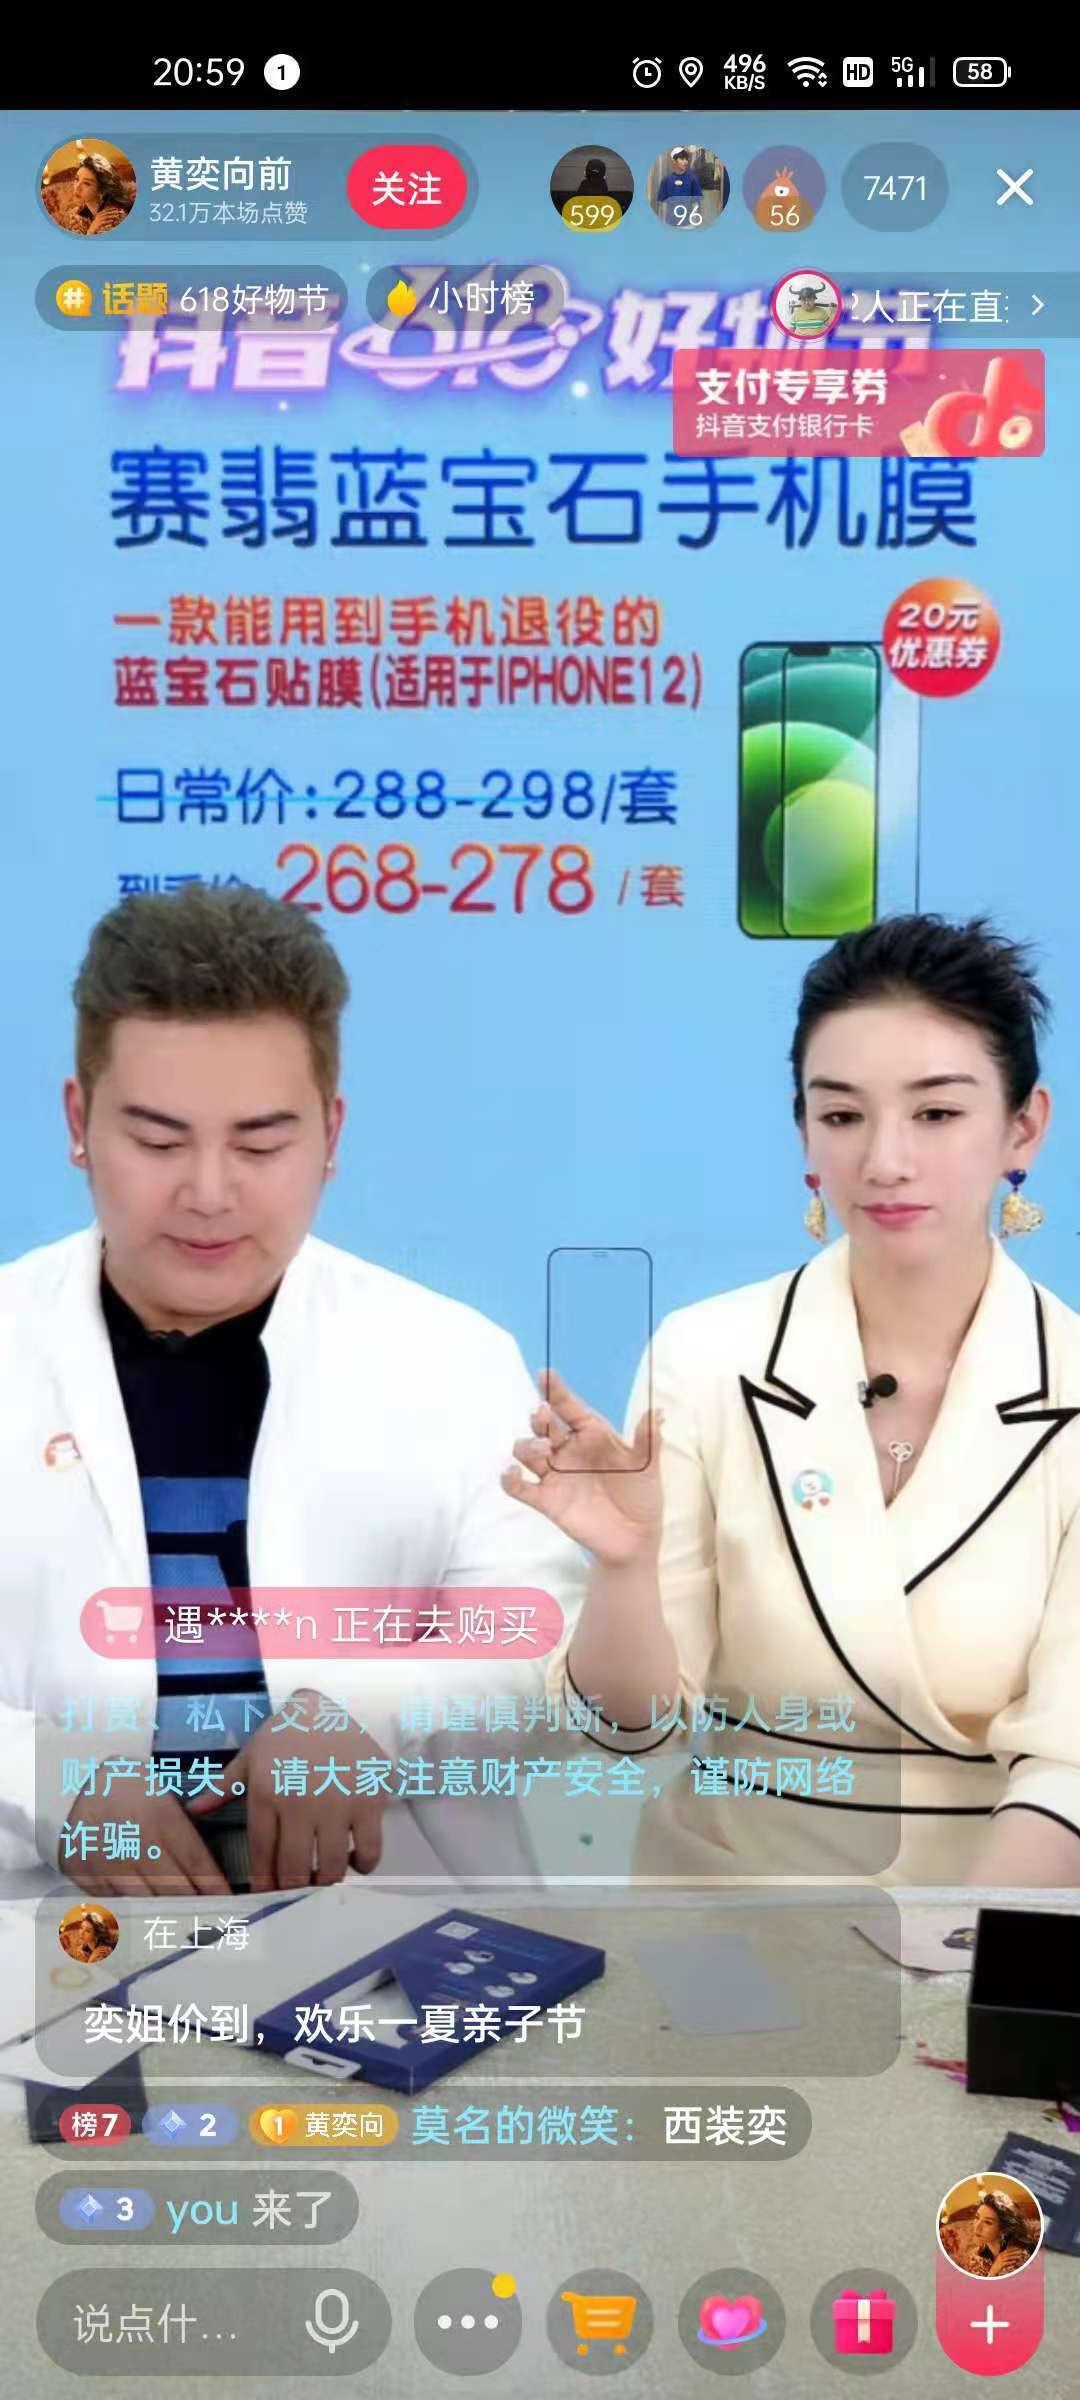 优乐互娱与赛翡蓝宝石品牌短视频直播带货